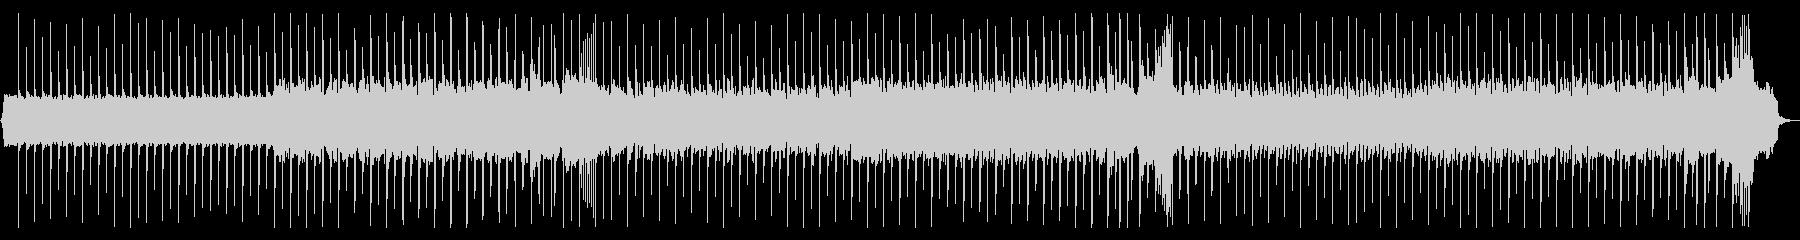 ロックギター、リフが繰り返されるBGM3の未再生の波形